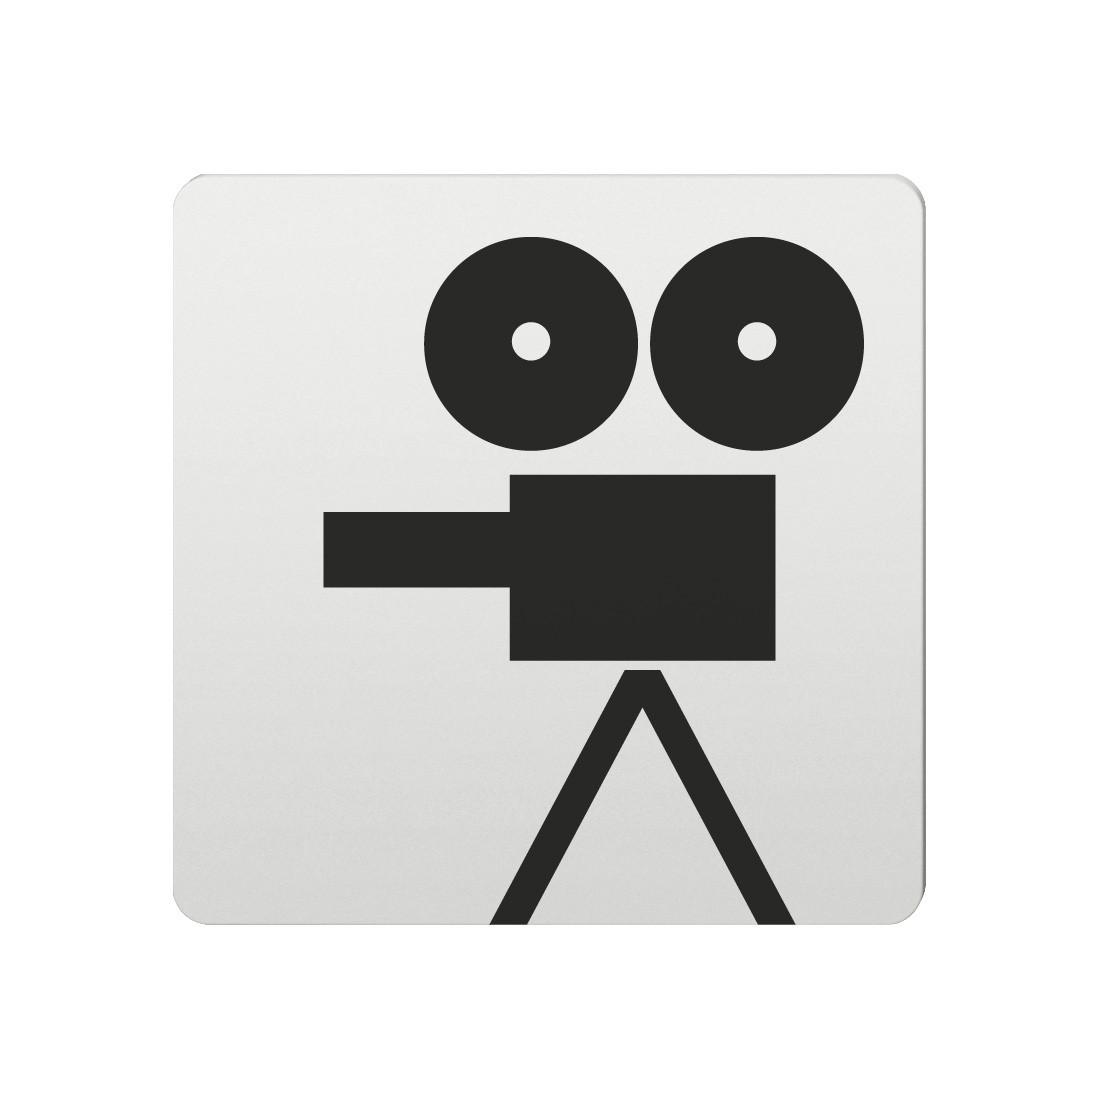 FSB Hinweiszeichen Film Lasergraviert Aluminium naturfarbig (0 36 4059 00232 0105)